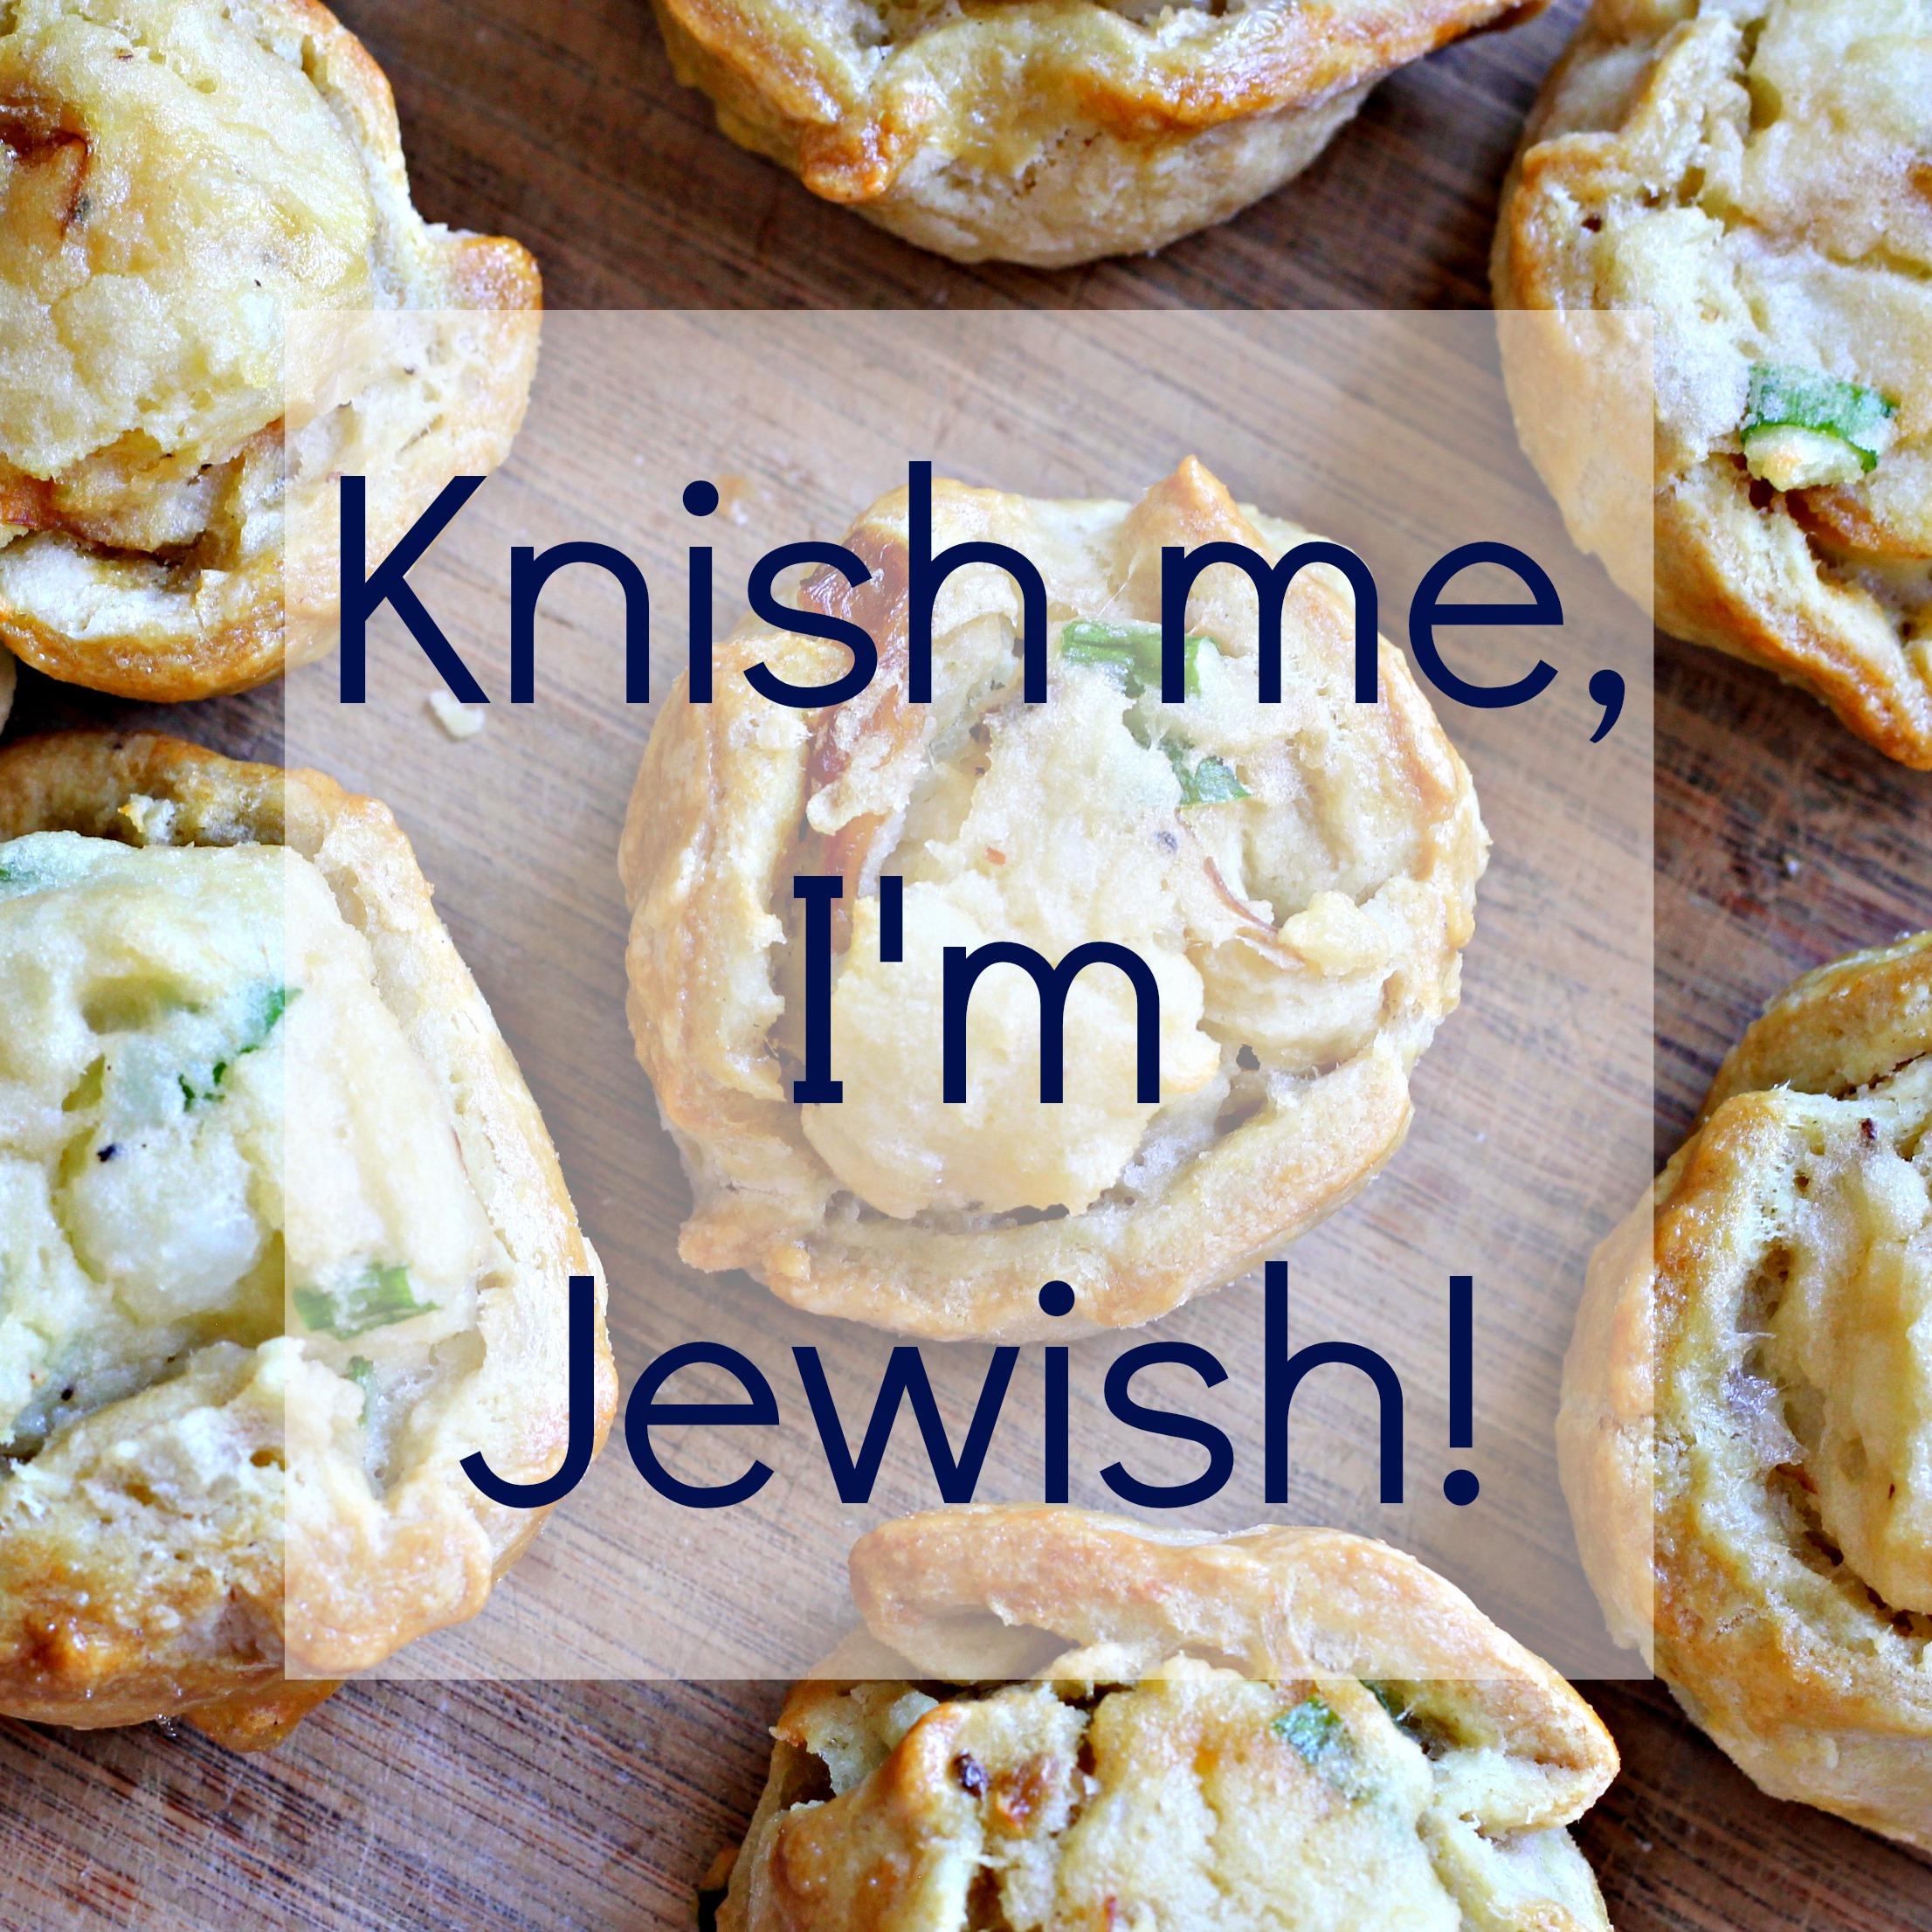 knish me, I'm Jewish